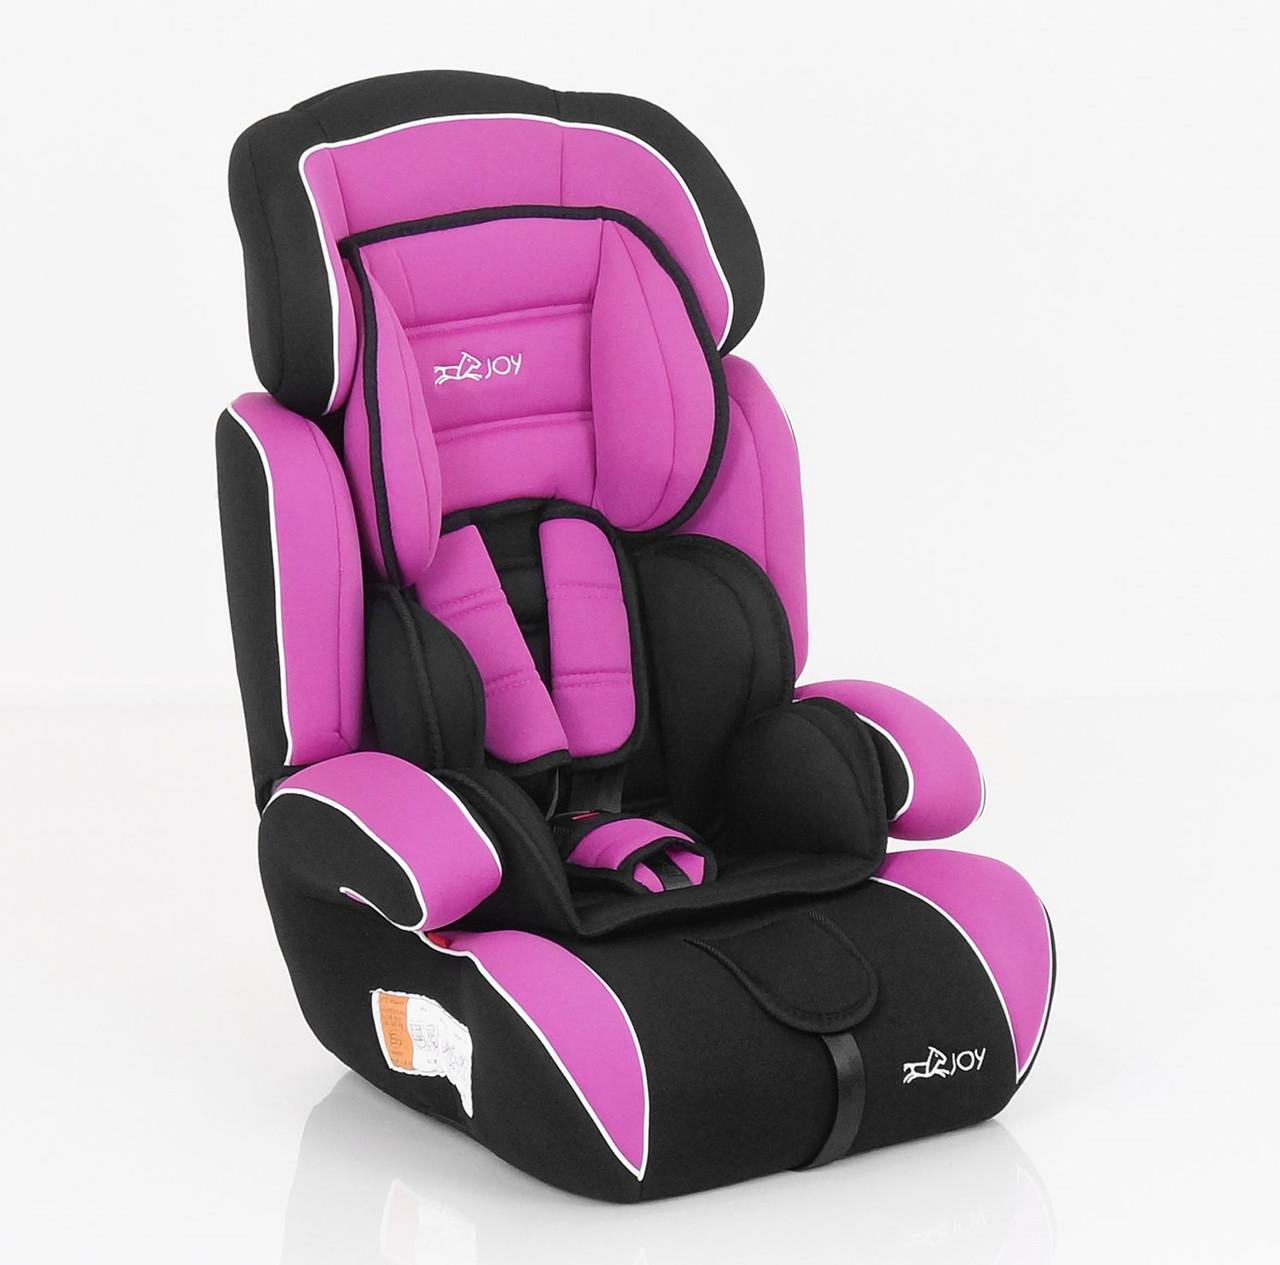 Автокресло Joy 8888 универсальное розовое